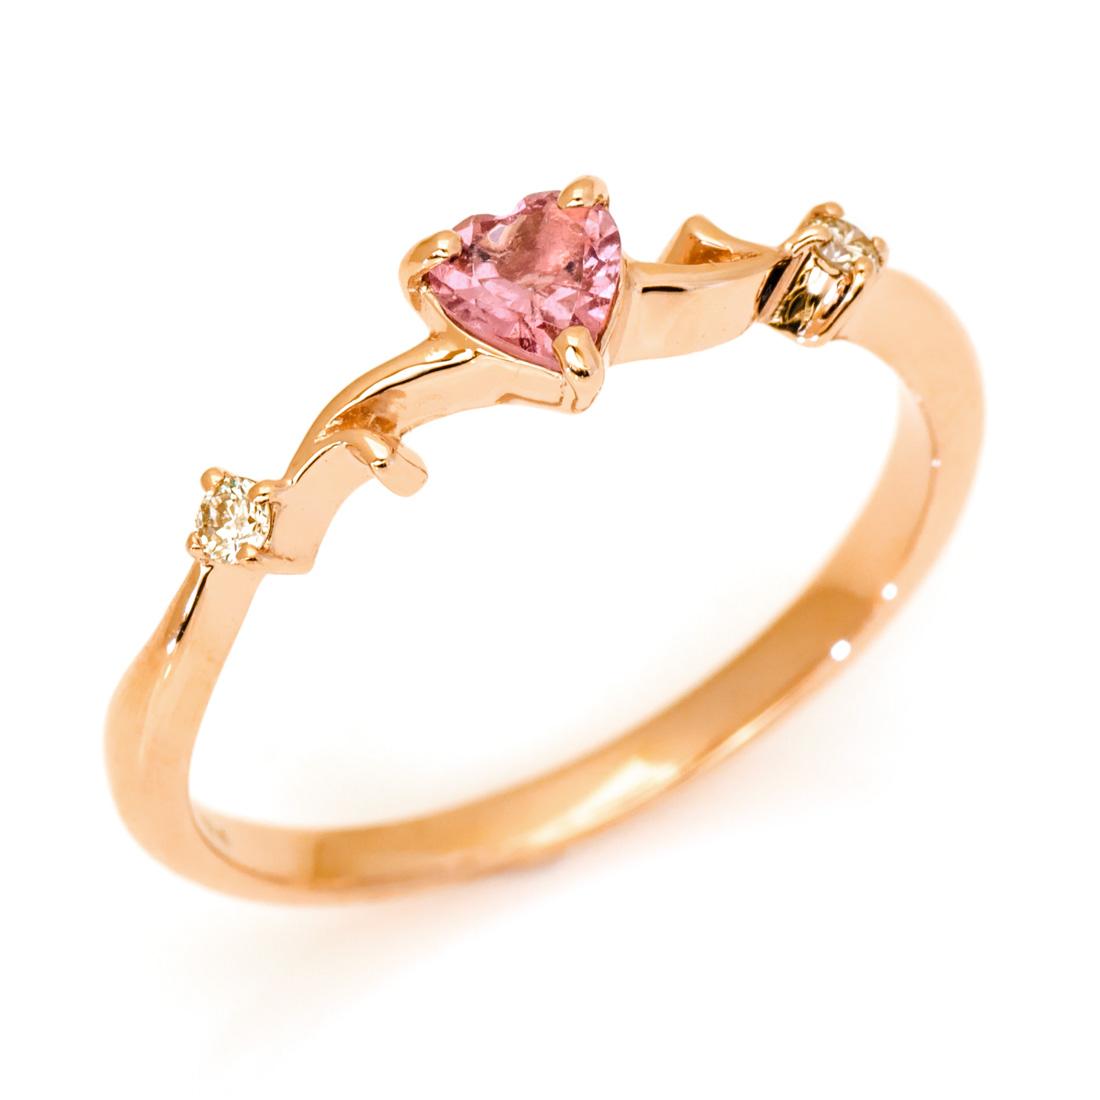 【GWクーポン配布中】リング ピンクトルマリン ダイヤモンド 「arzente」 ゴールド K10 ハートモチーフ 送料無料